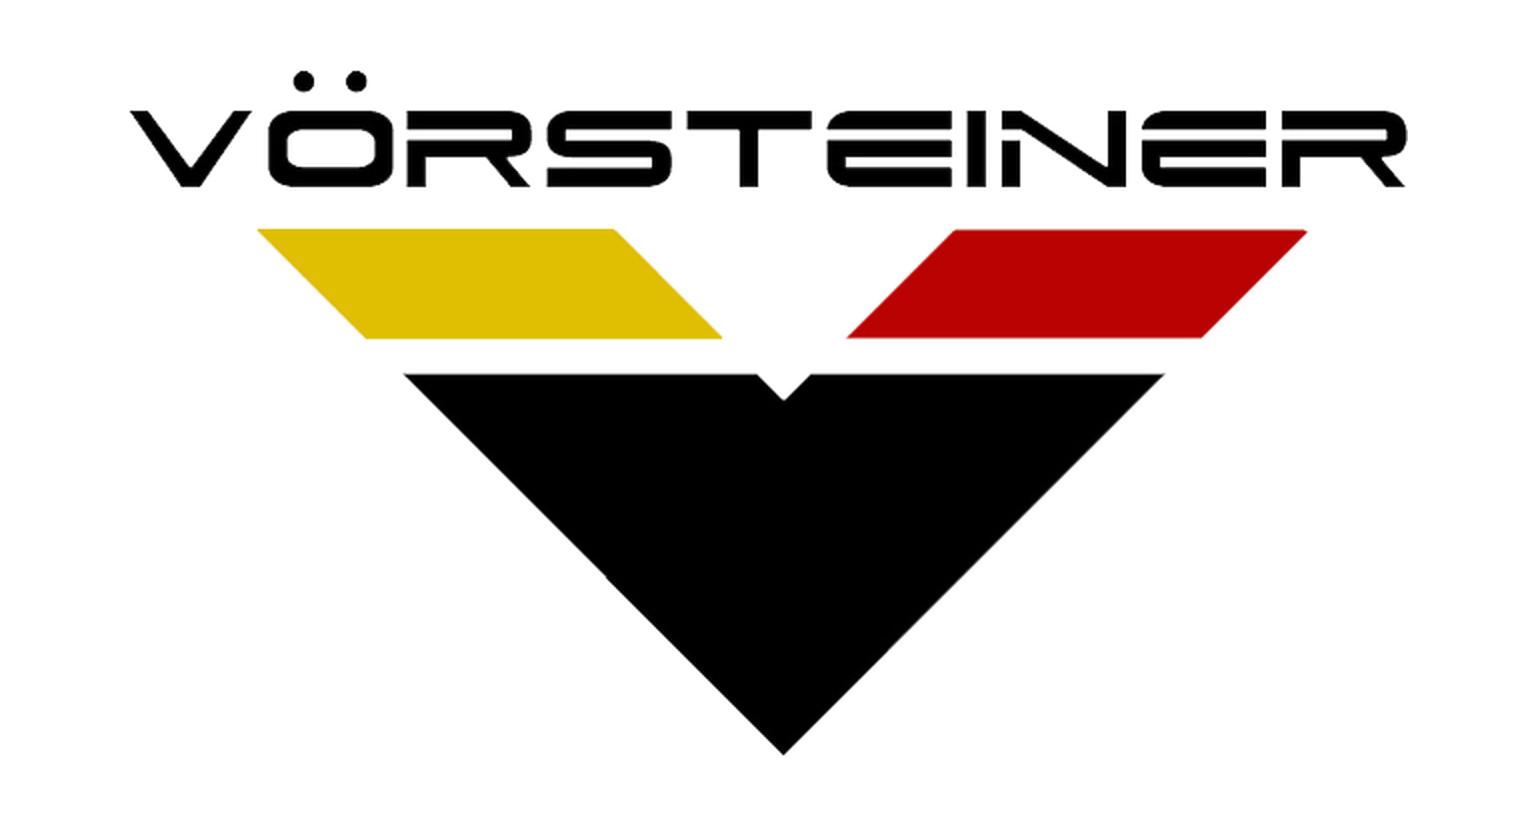 Vorsteiner